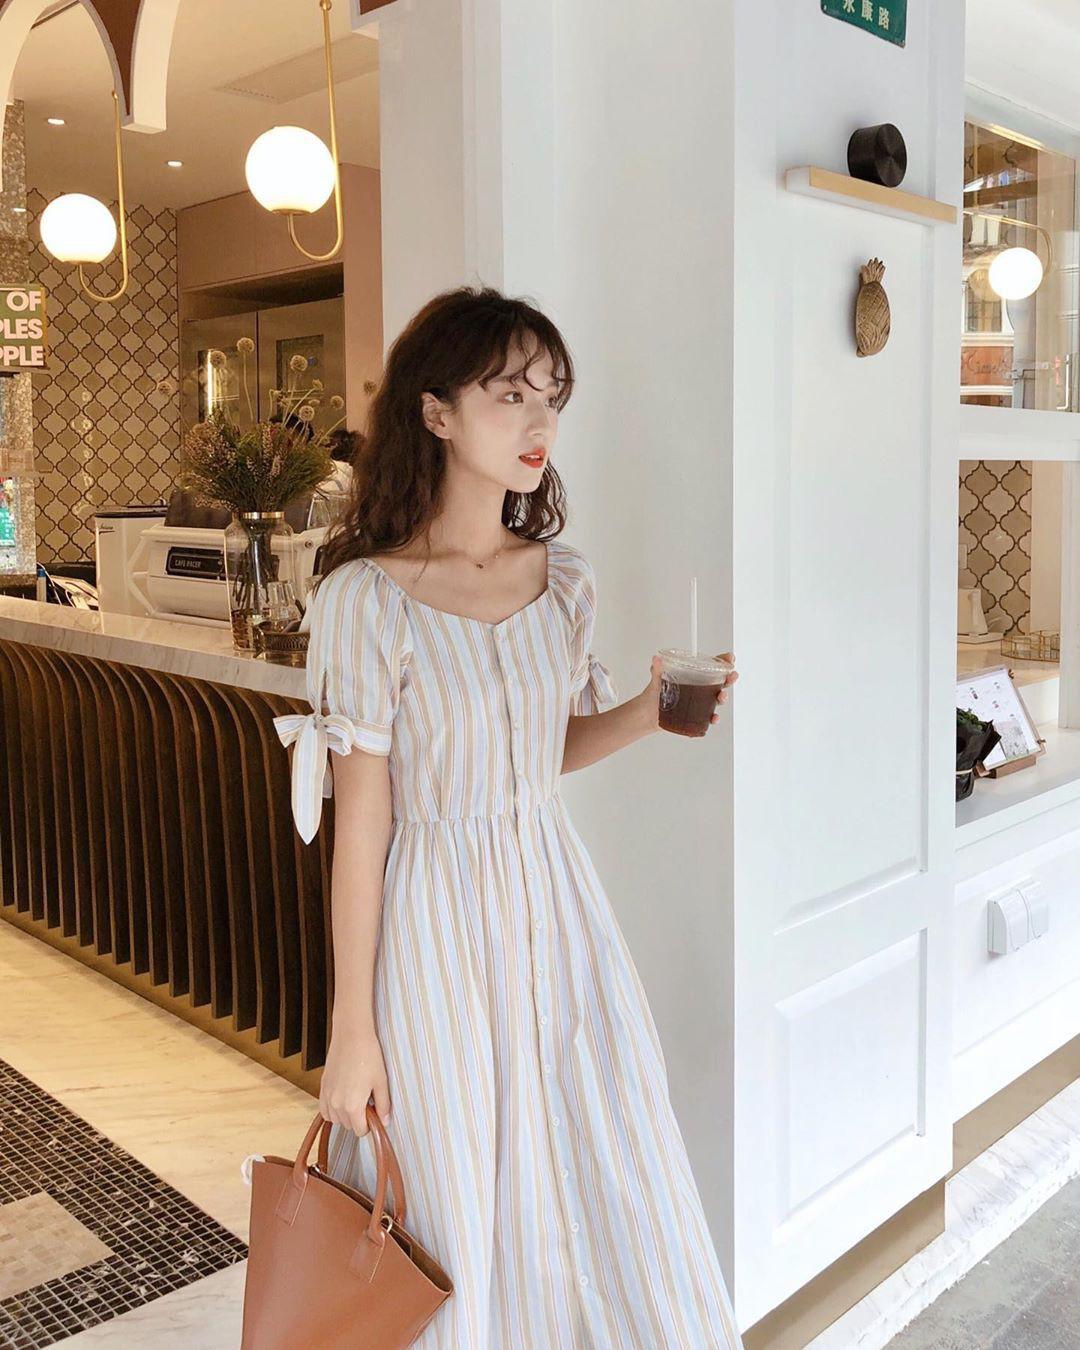 Muốn mặc đẹp hãy tham khảo 15 bộ đồ từ street style châu Á dưới đây, với rất nhiều gợi ý váy áo thô/đũi mát mẻ - Ảnh 11.